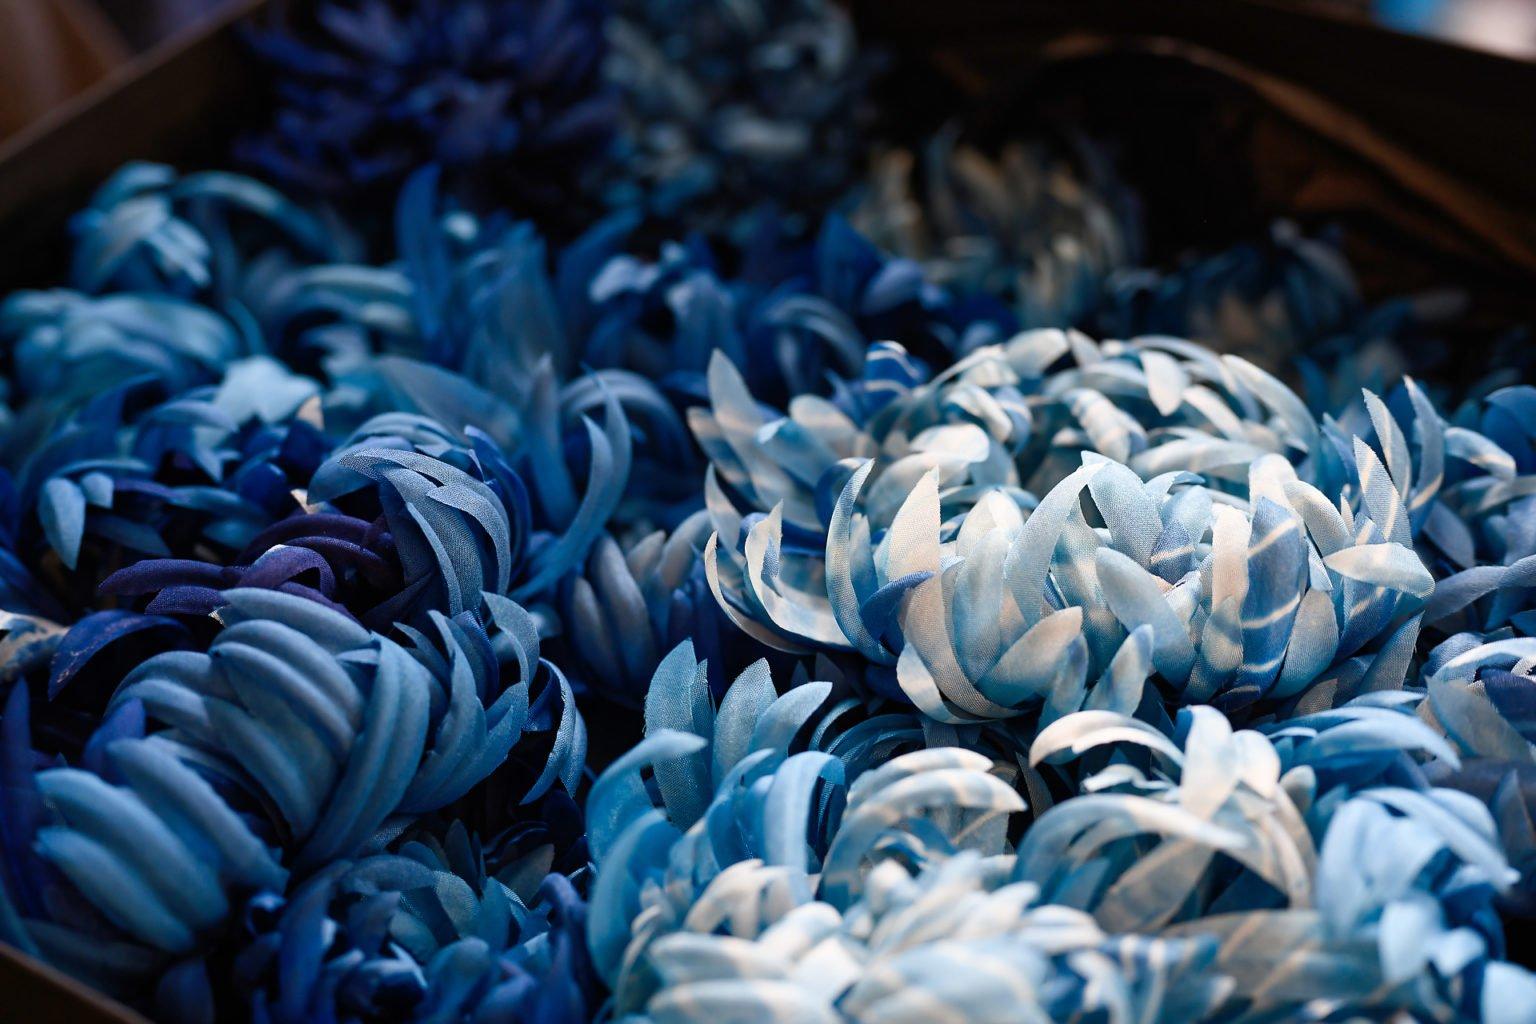 Du ciel dans des fleurs, Dorothée l'a fait, reportage d'entreprise, Aurore Delsoir photographe d'entreprise